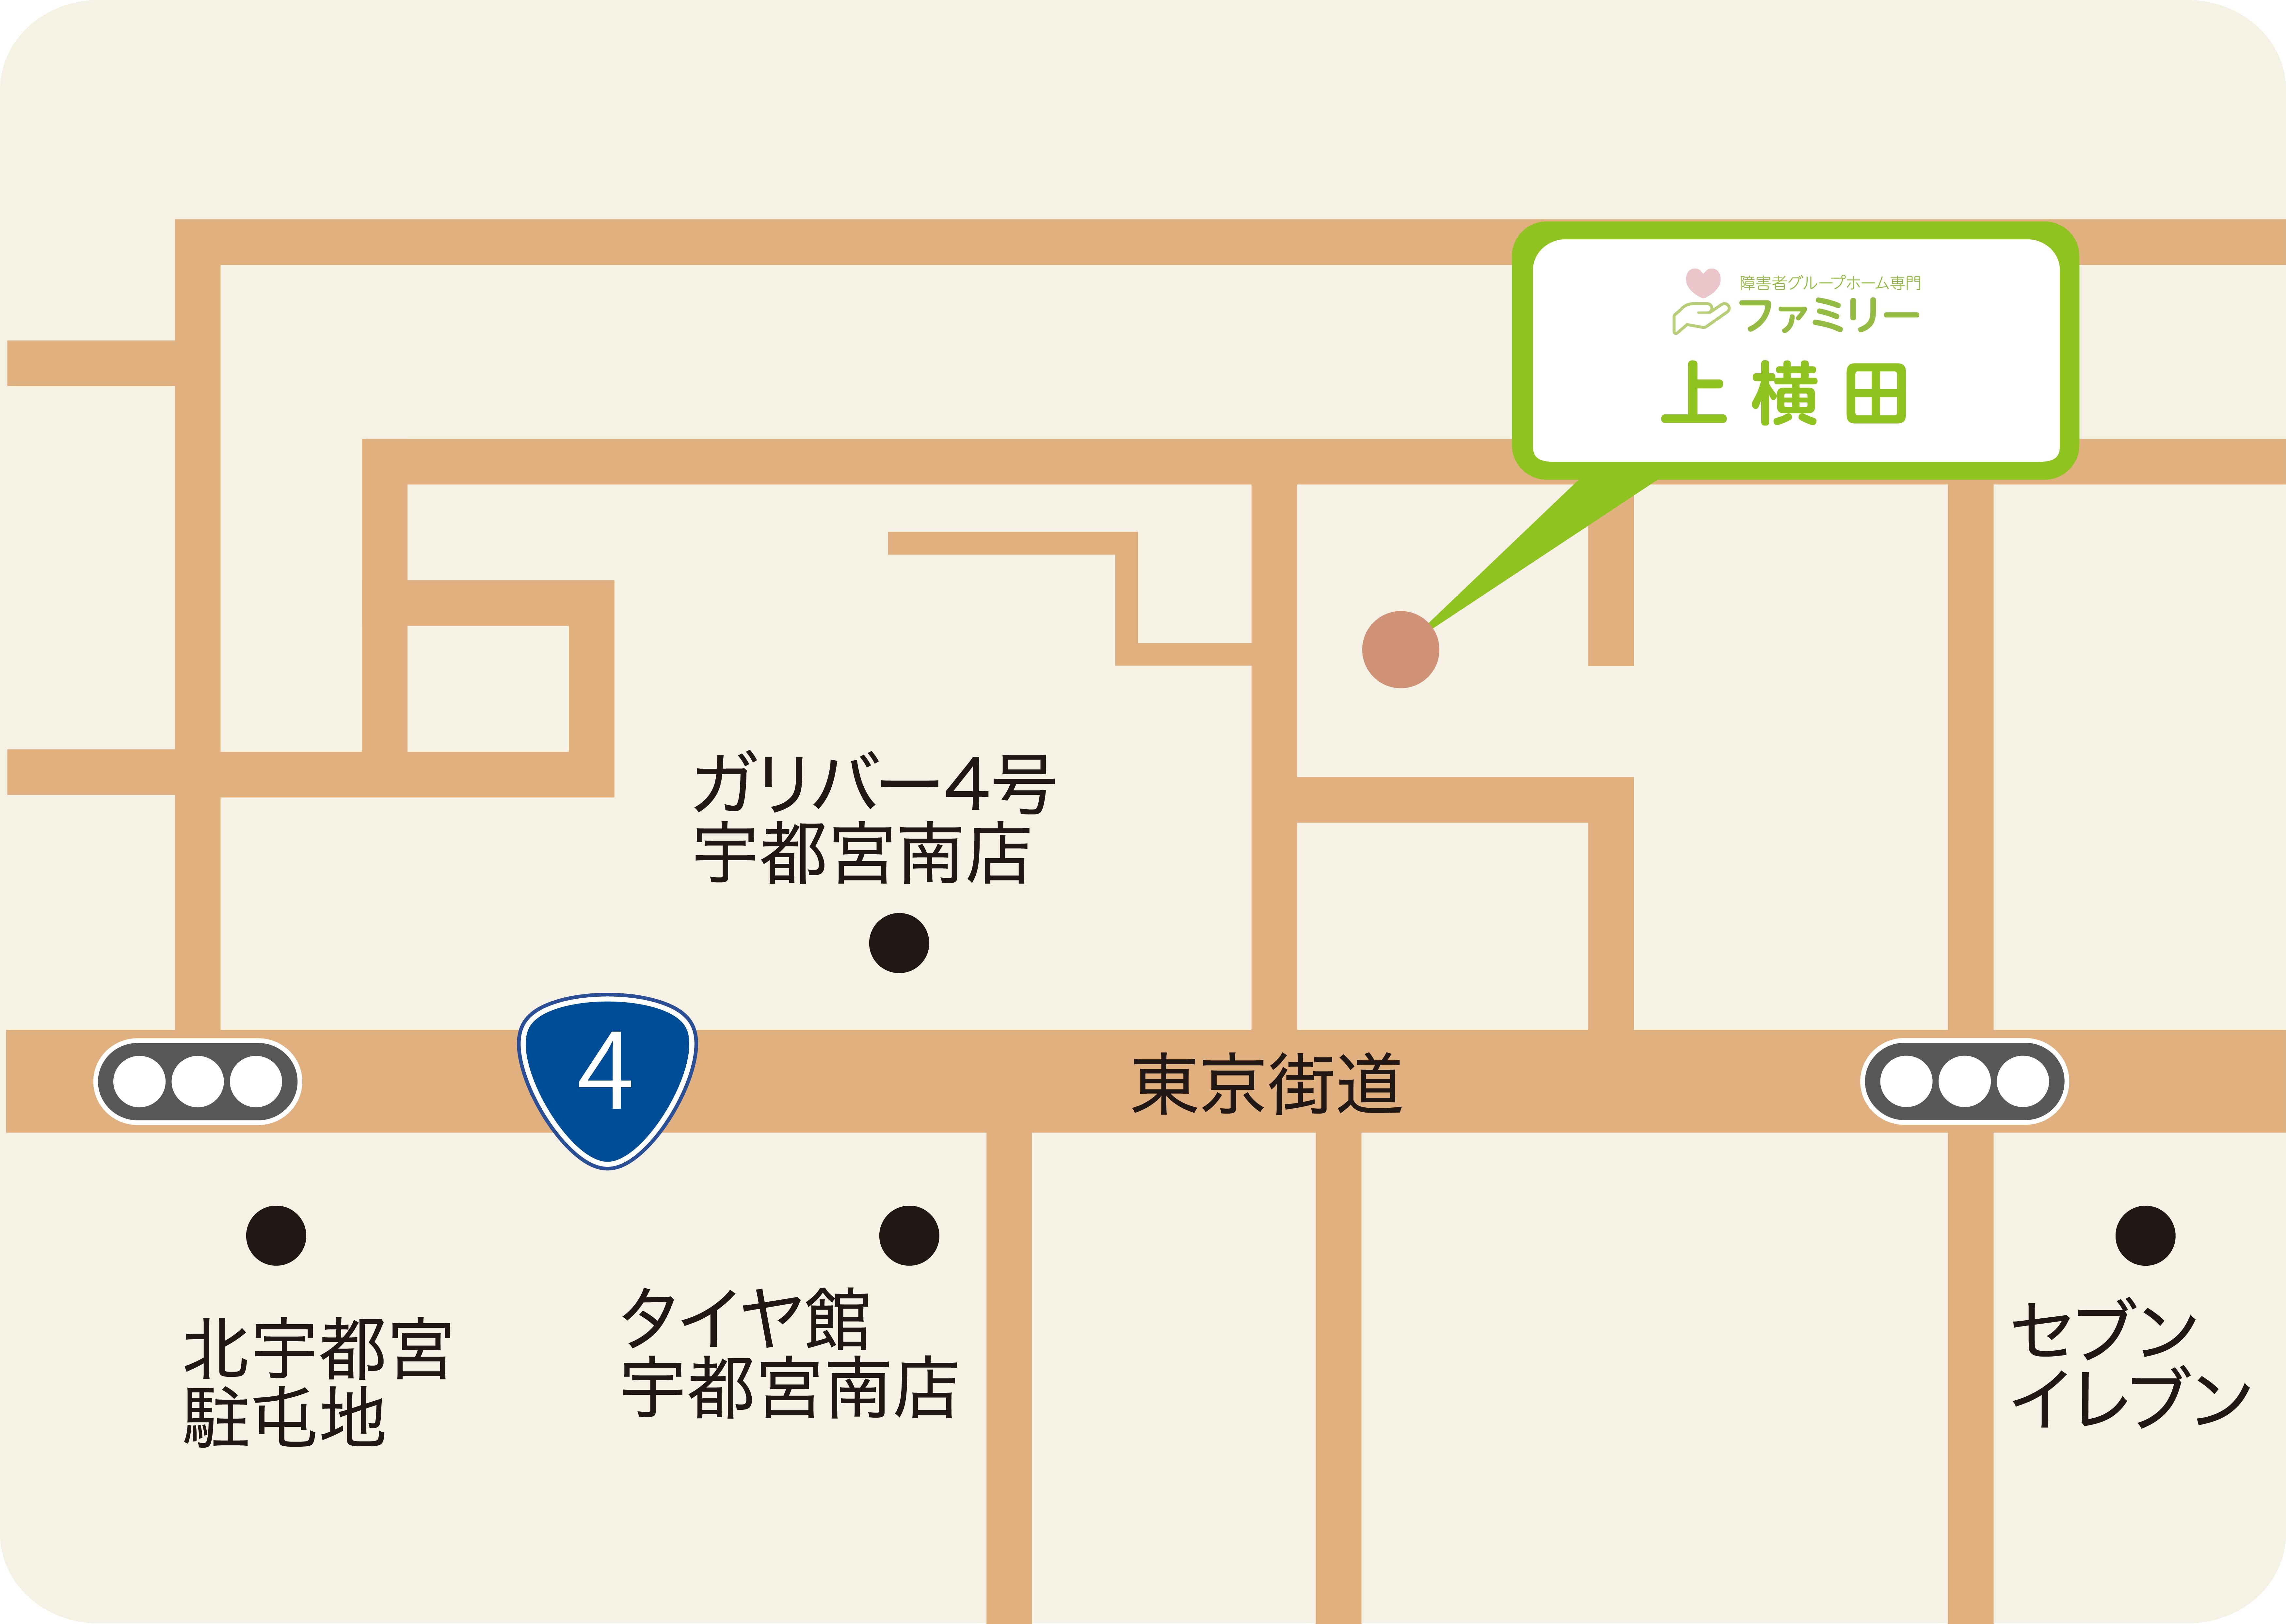 栃木県宇都宮市の障がい者自立支援・共同生活支援 | 障害者グループホーム ファミリー宇都宮の上横田アクセスのマップ画像